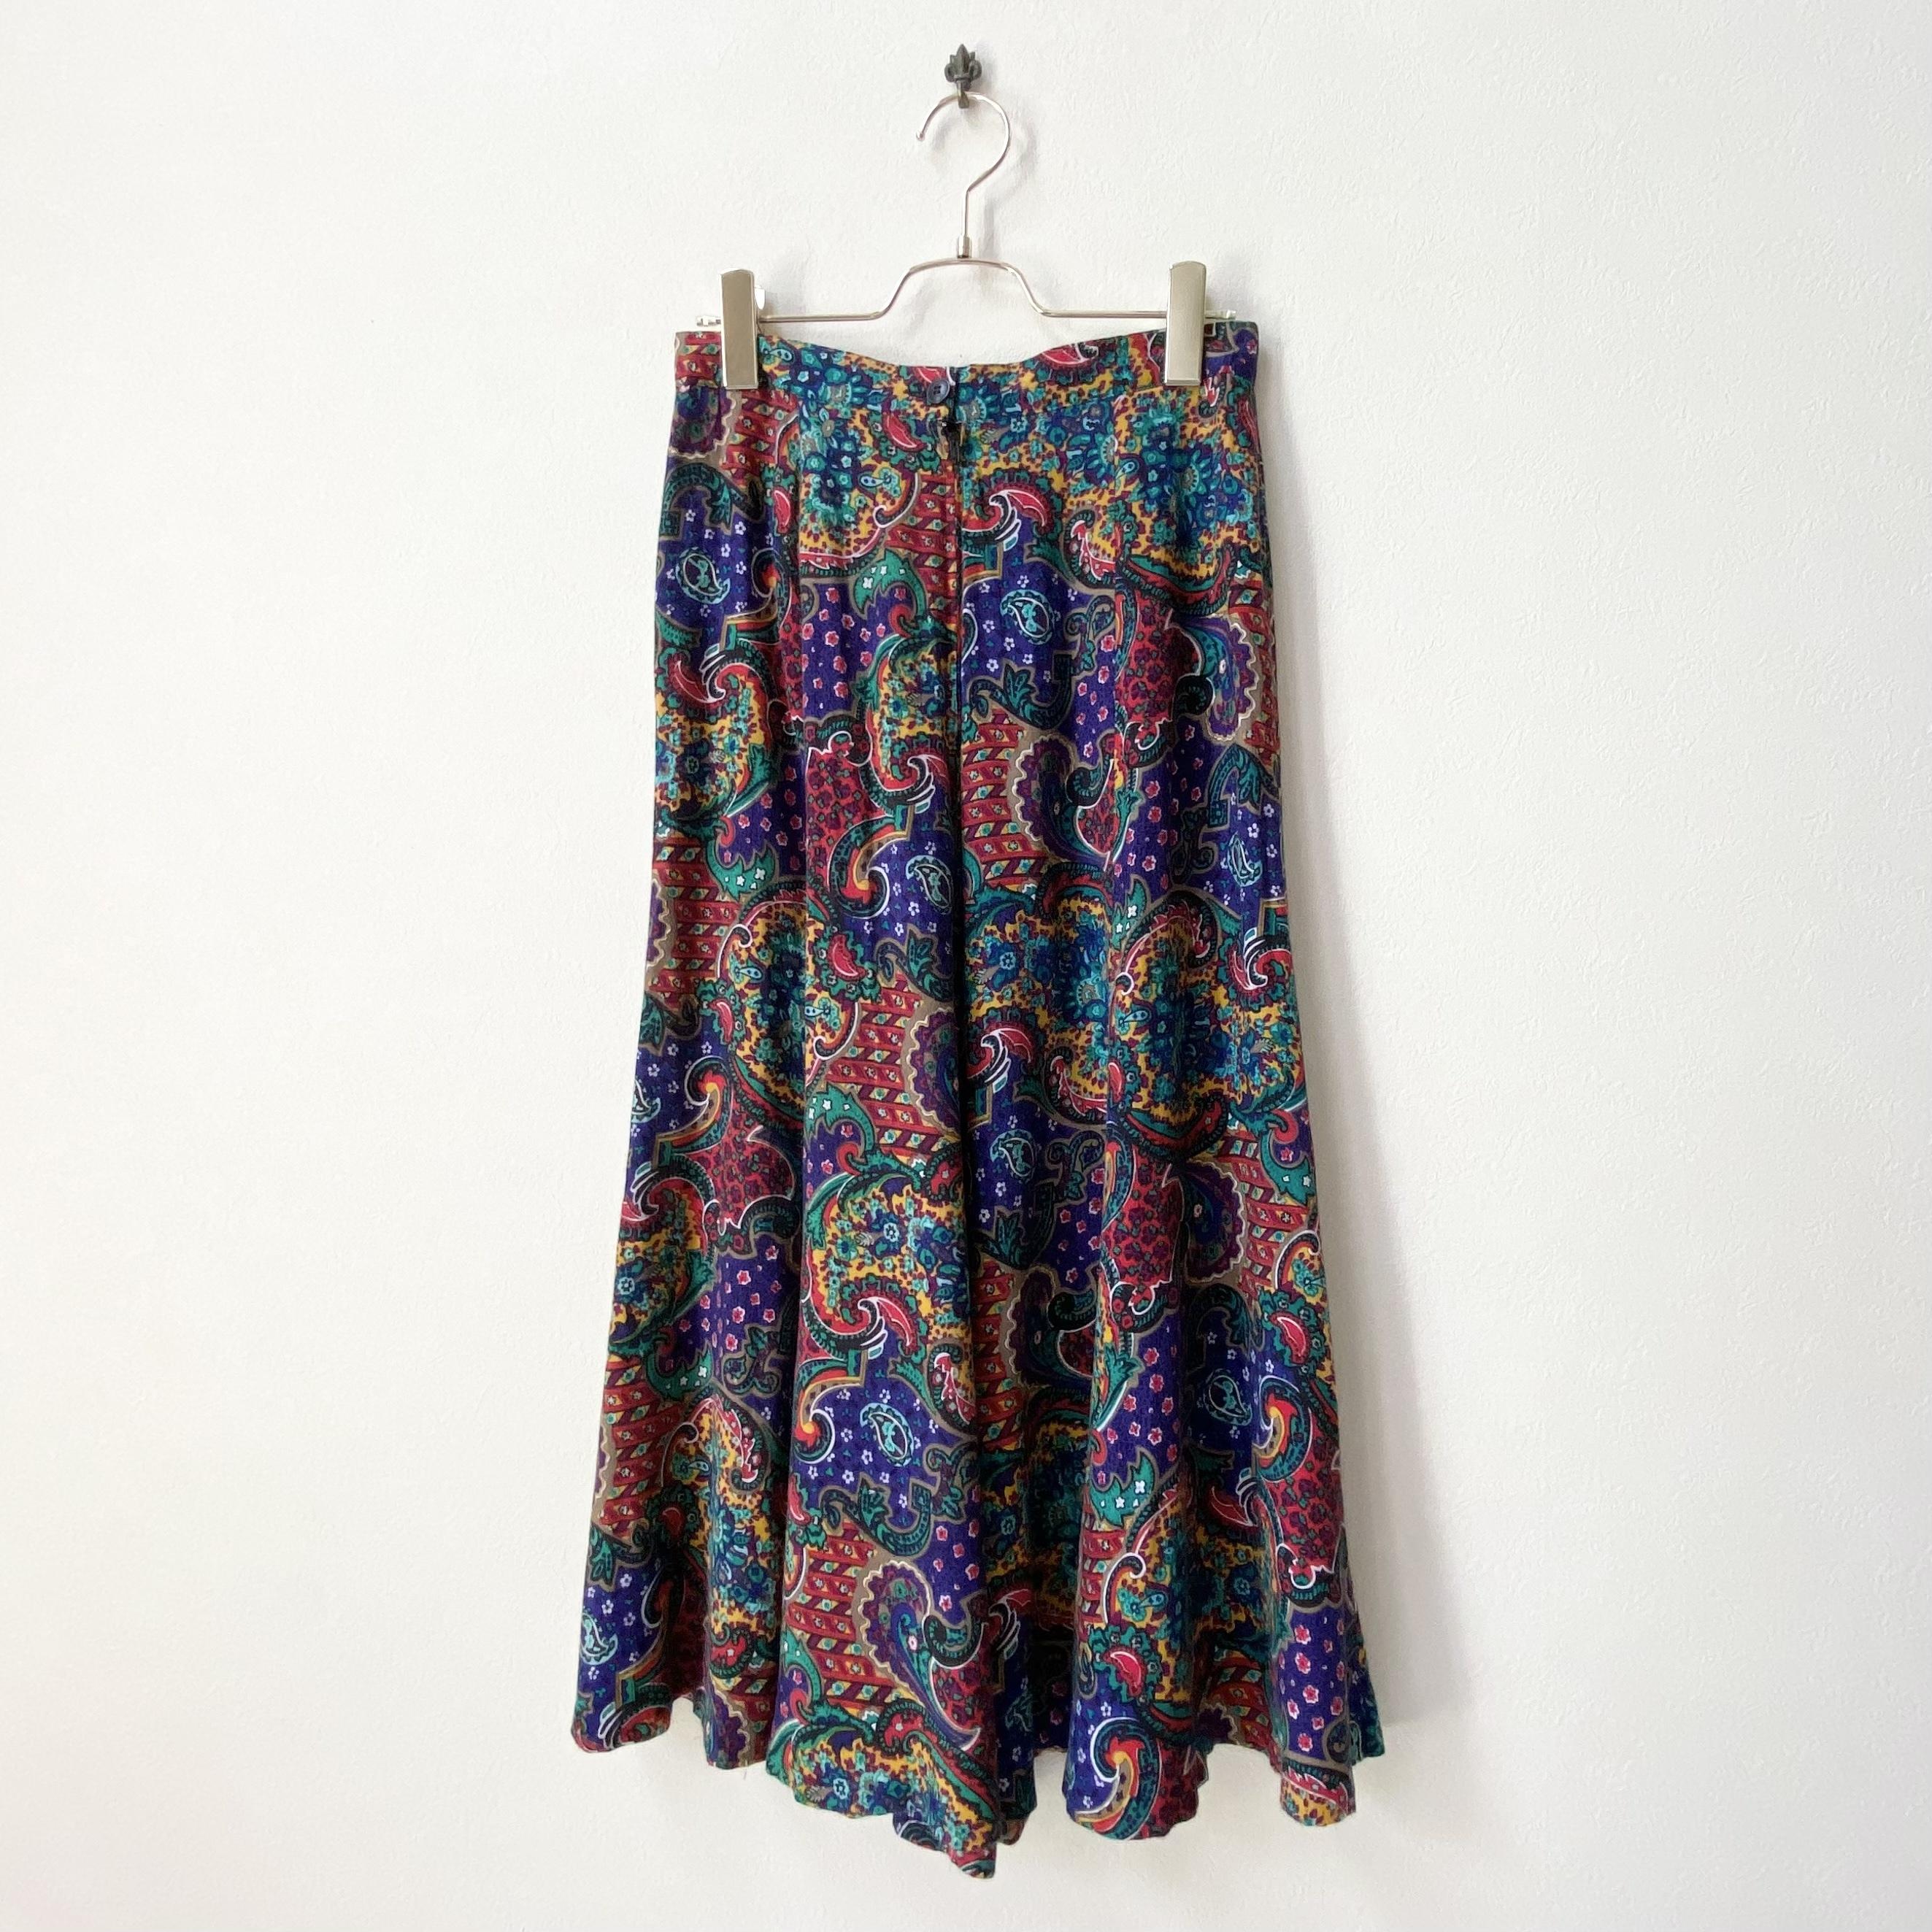 レディース 80年代 ペイズリー柄 フレアスカート アメリカ 古着 ブルーパープル 日本L